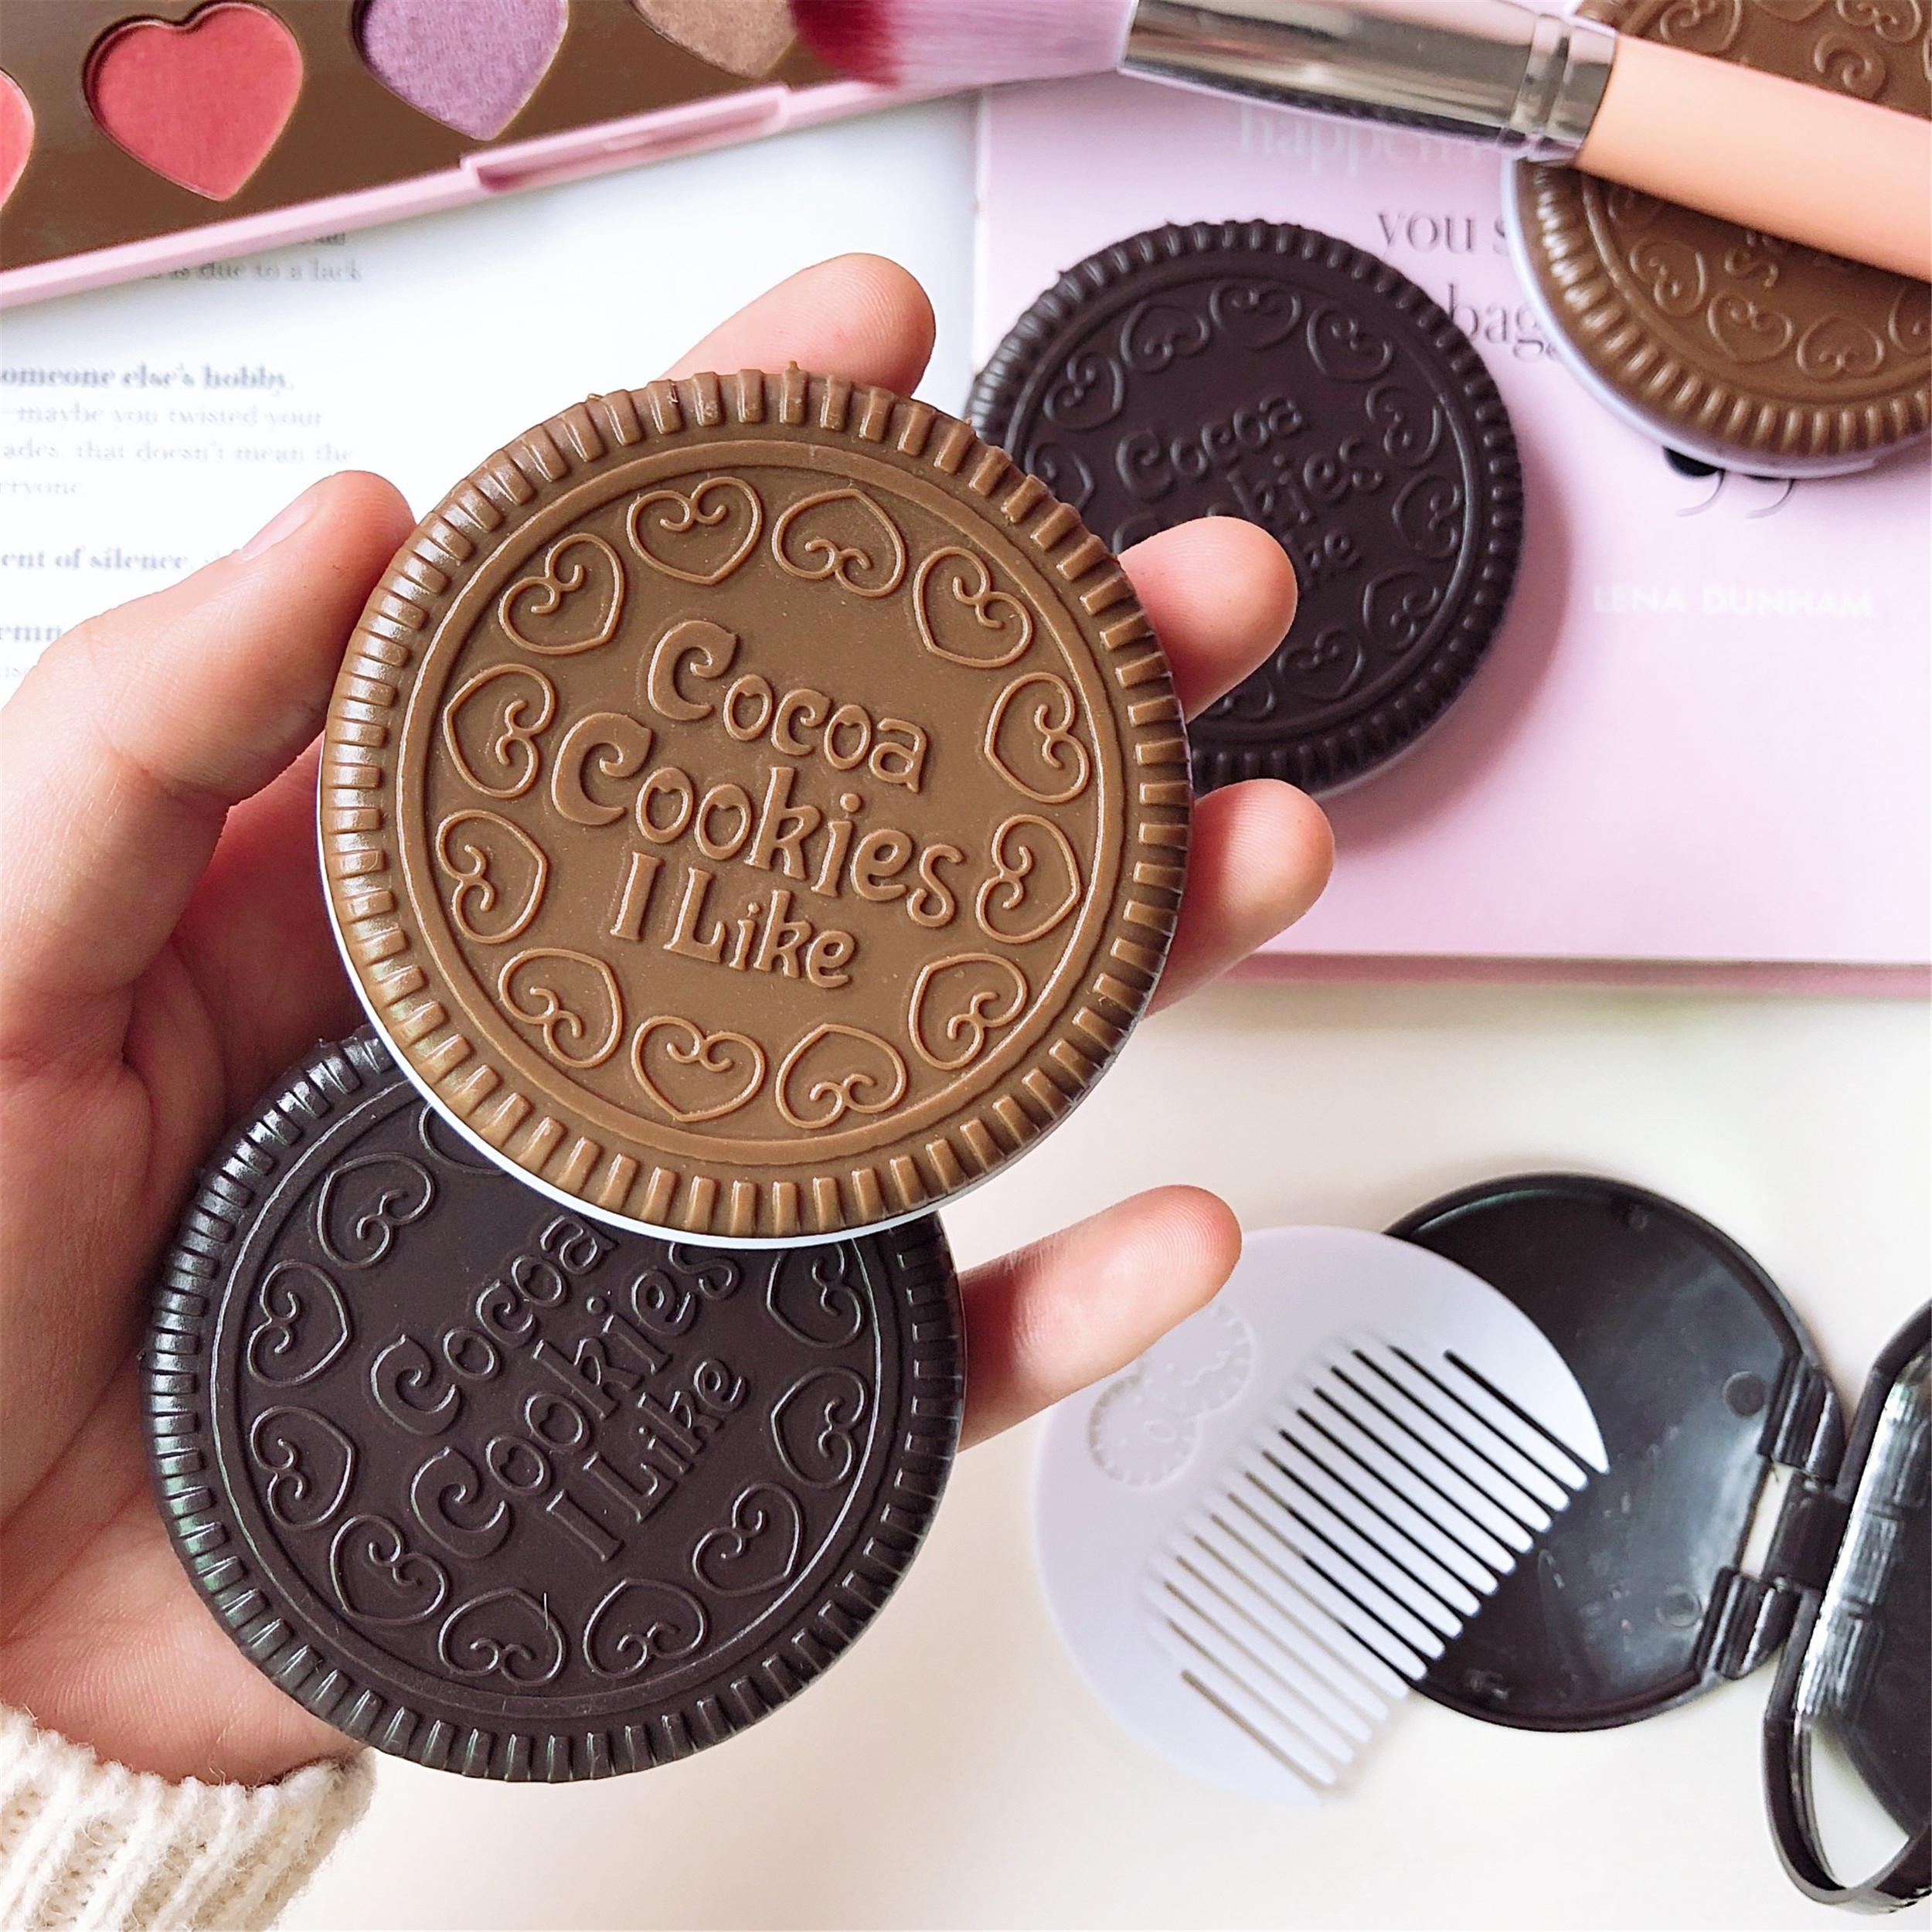 创意可爱奥利奥巧克力夹心饼干镜子便携随身镜迷你折叠镜化妆镜